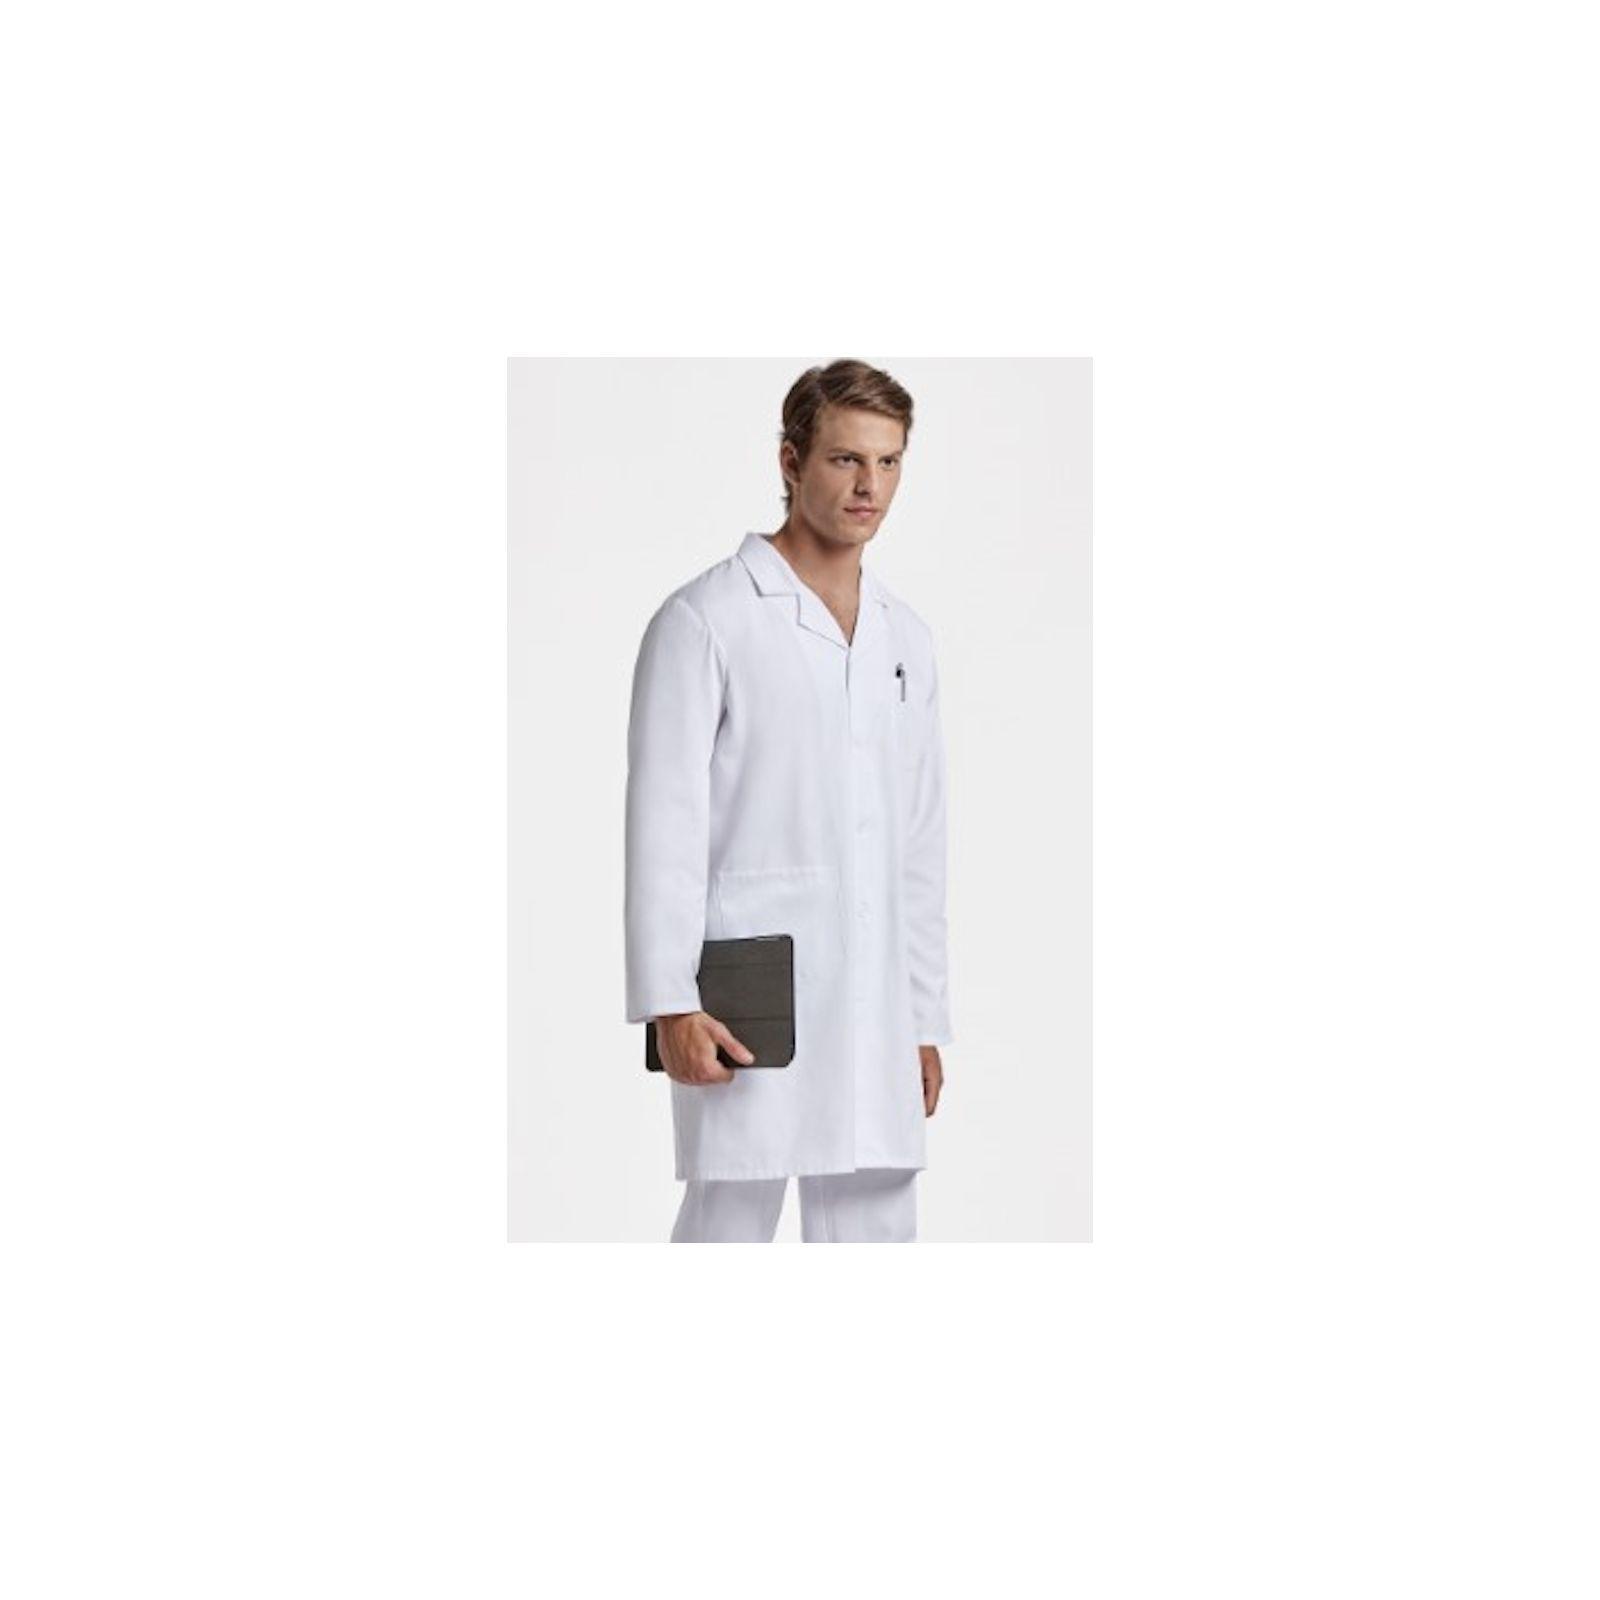 Blouse médicale Blanche Unisexe, manches longues (WALTER) vue produit